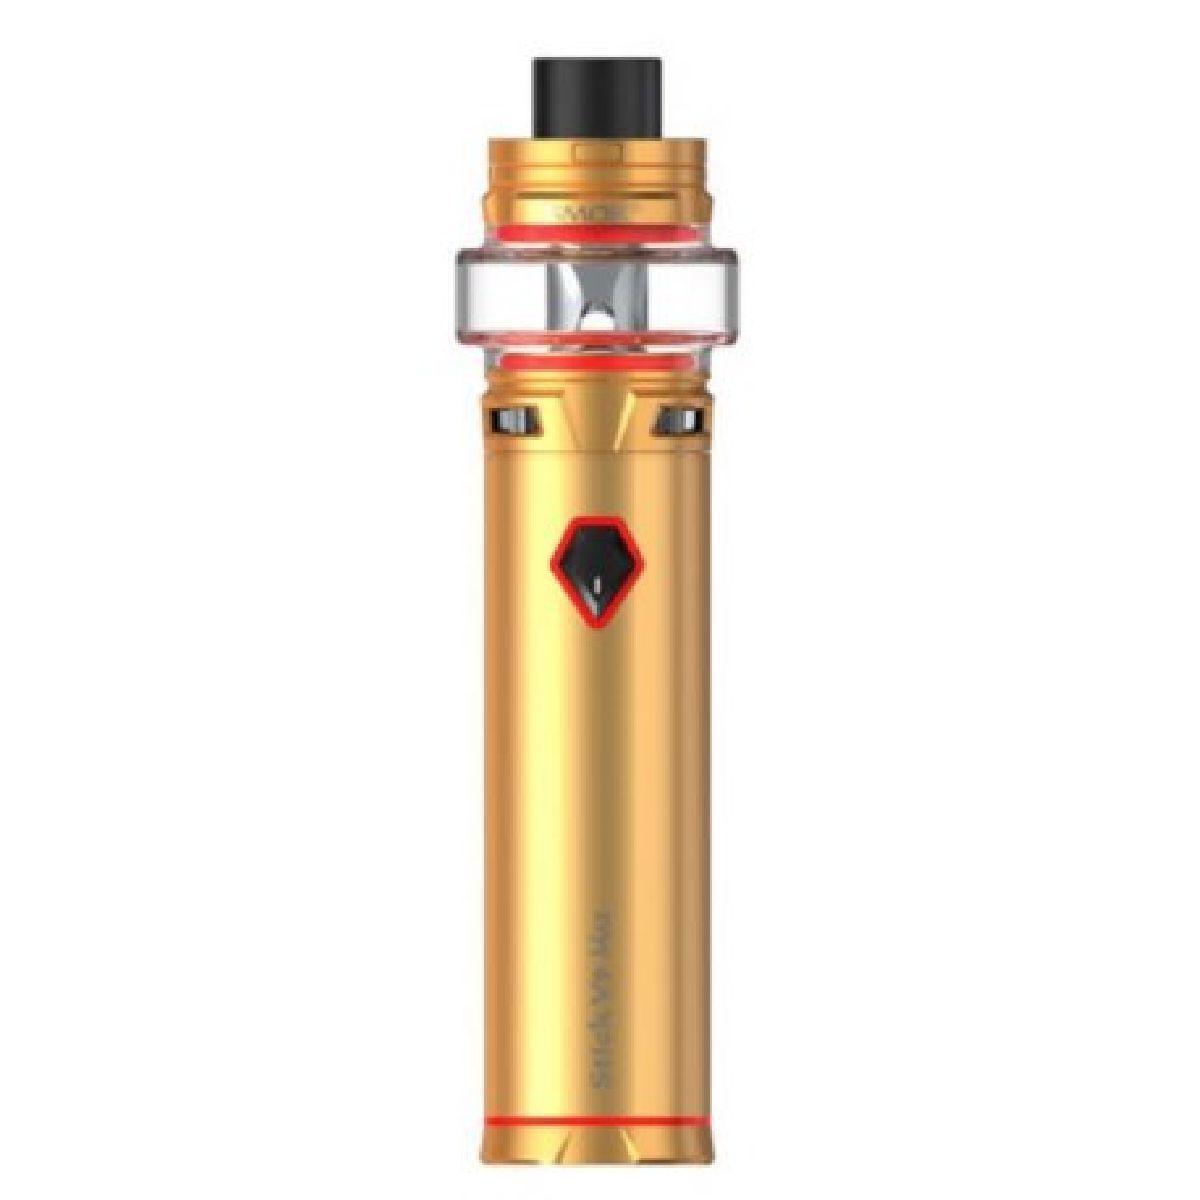 VAPE SMOK STICK V9 MAX KIT GOLD